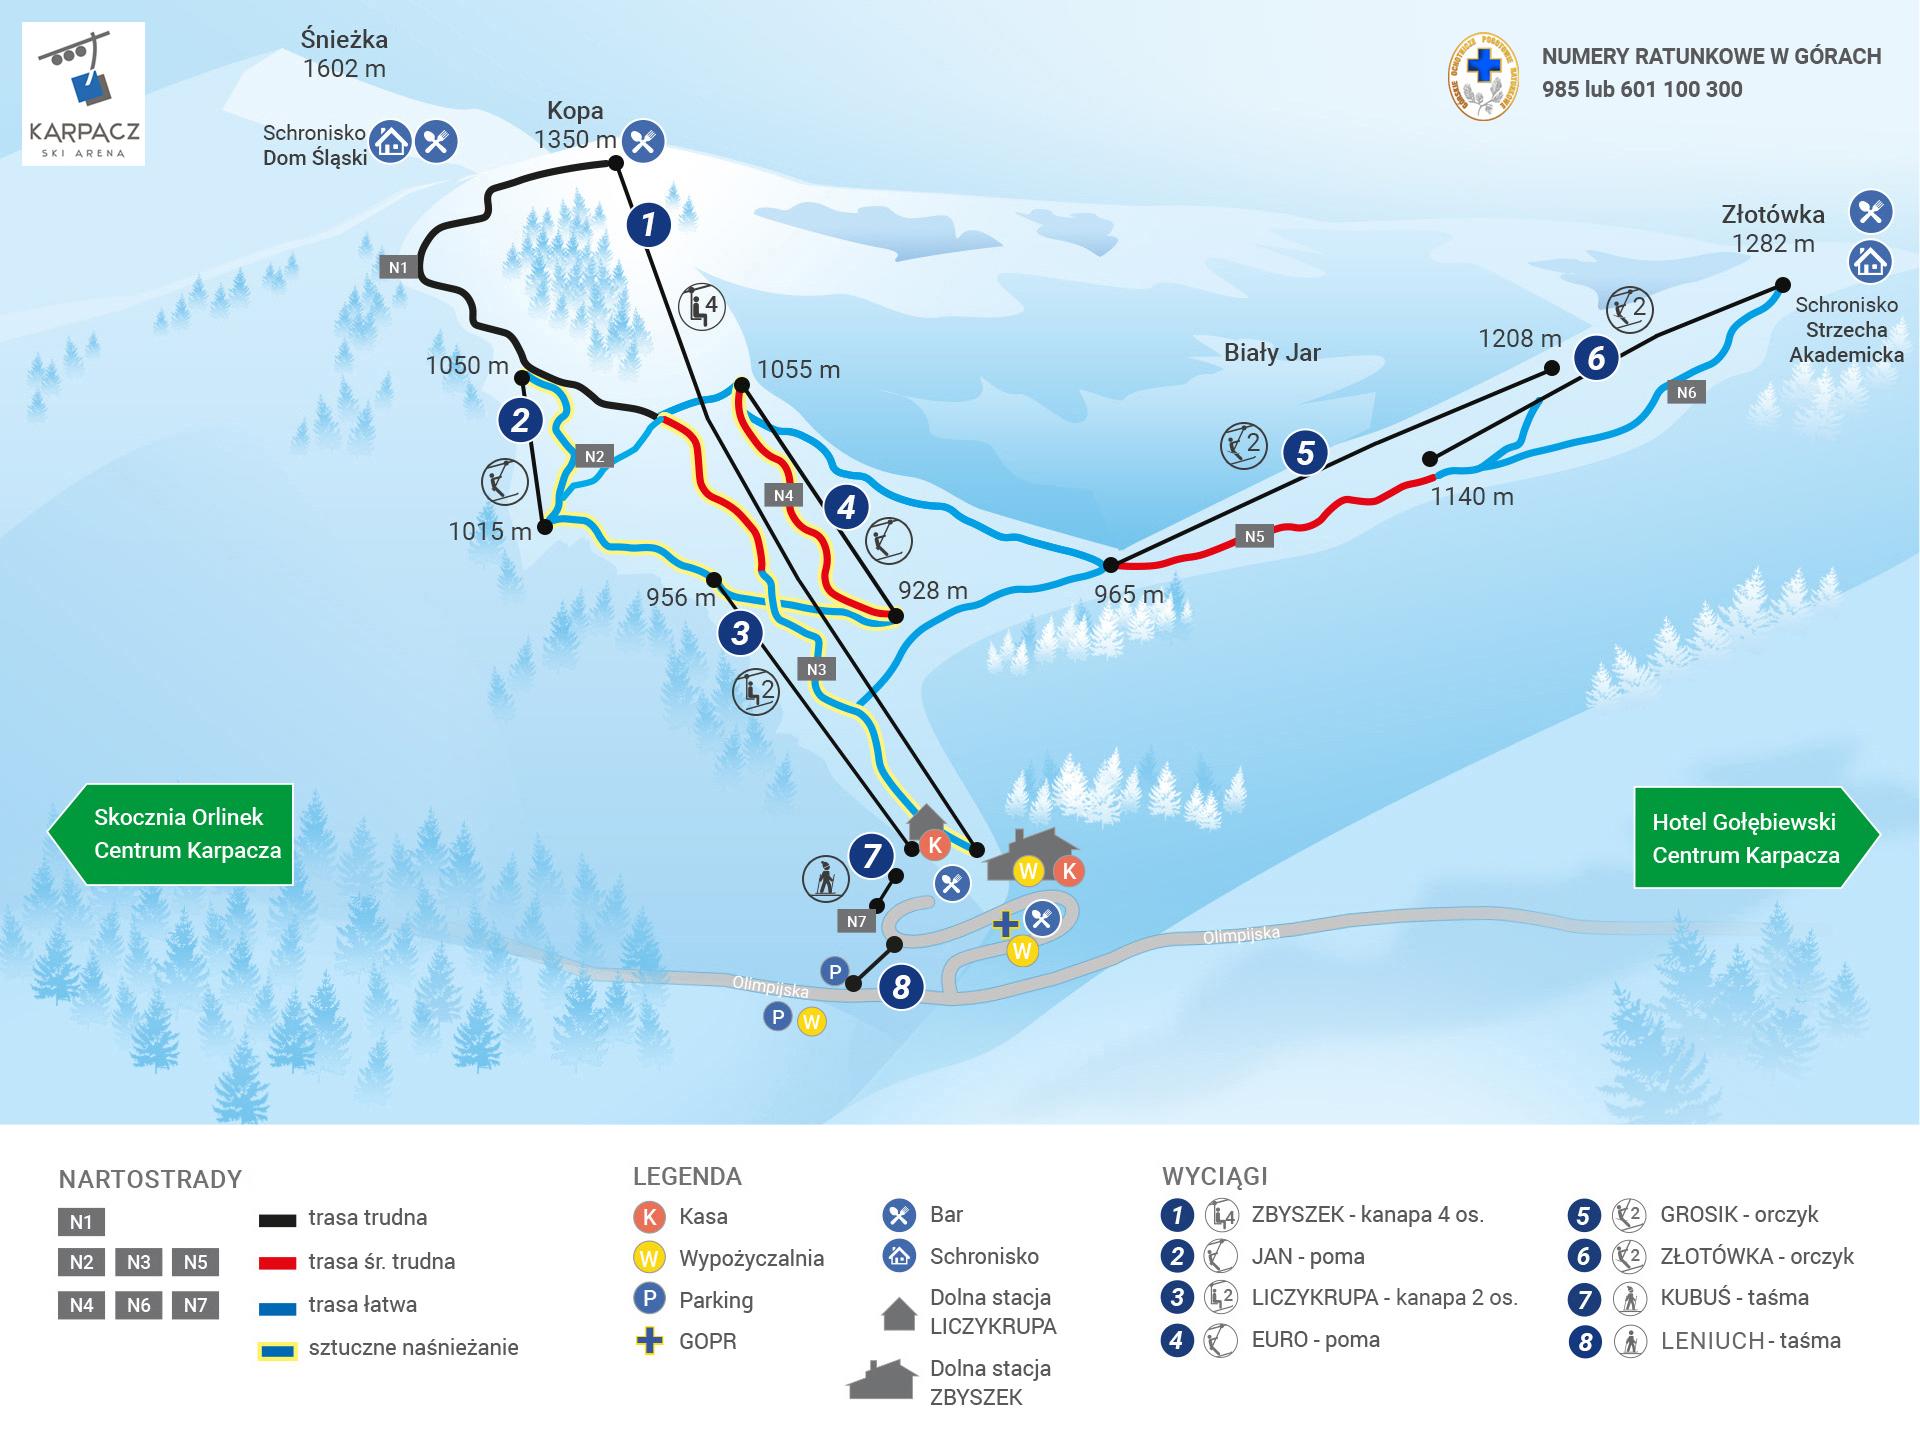 Trasy narciarskie Karpacz Ski Arena Karpacz